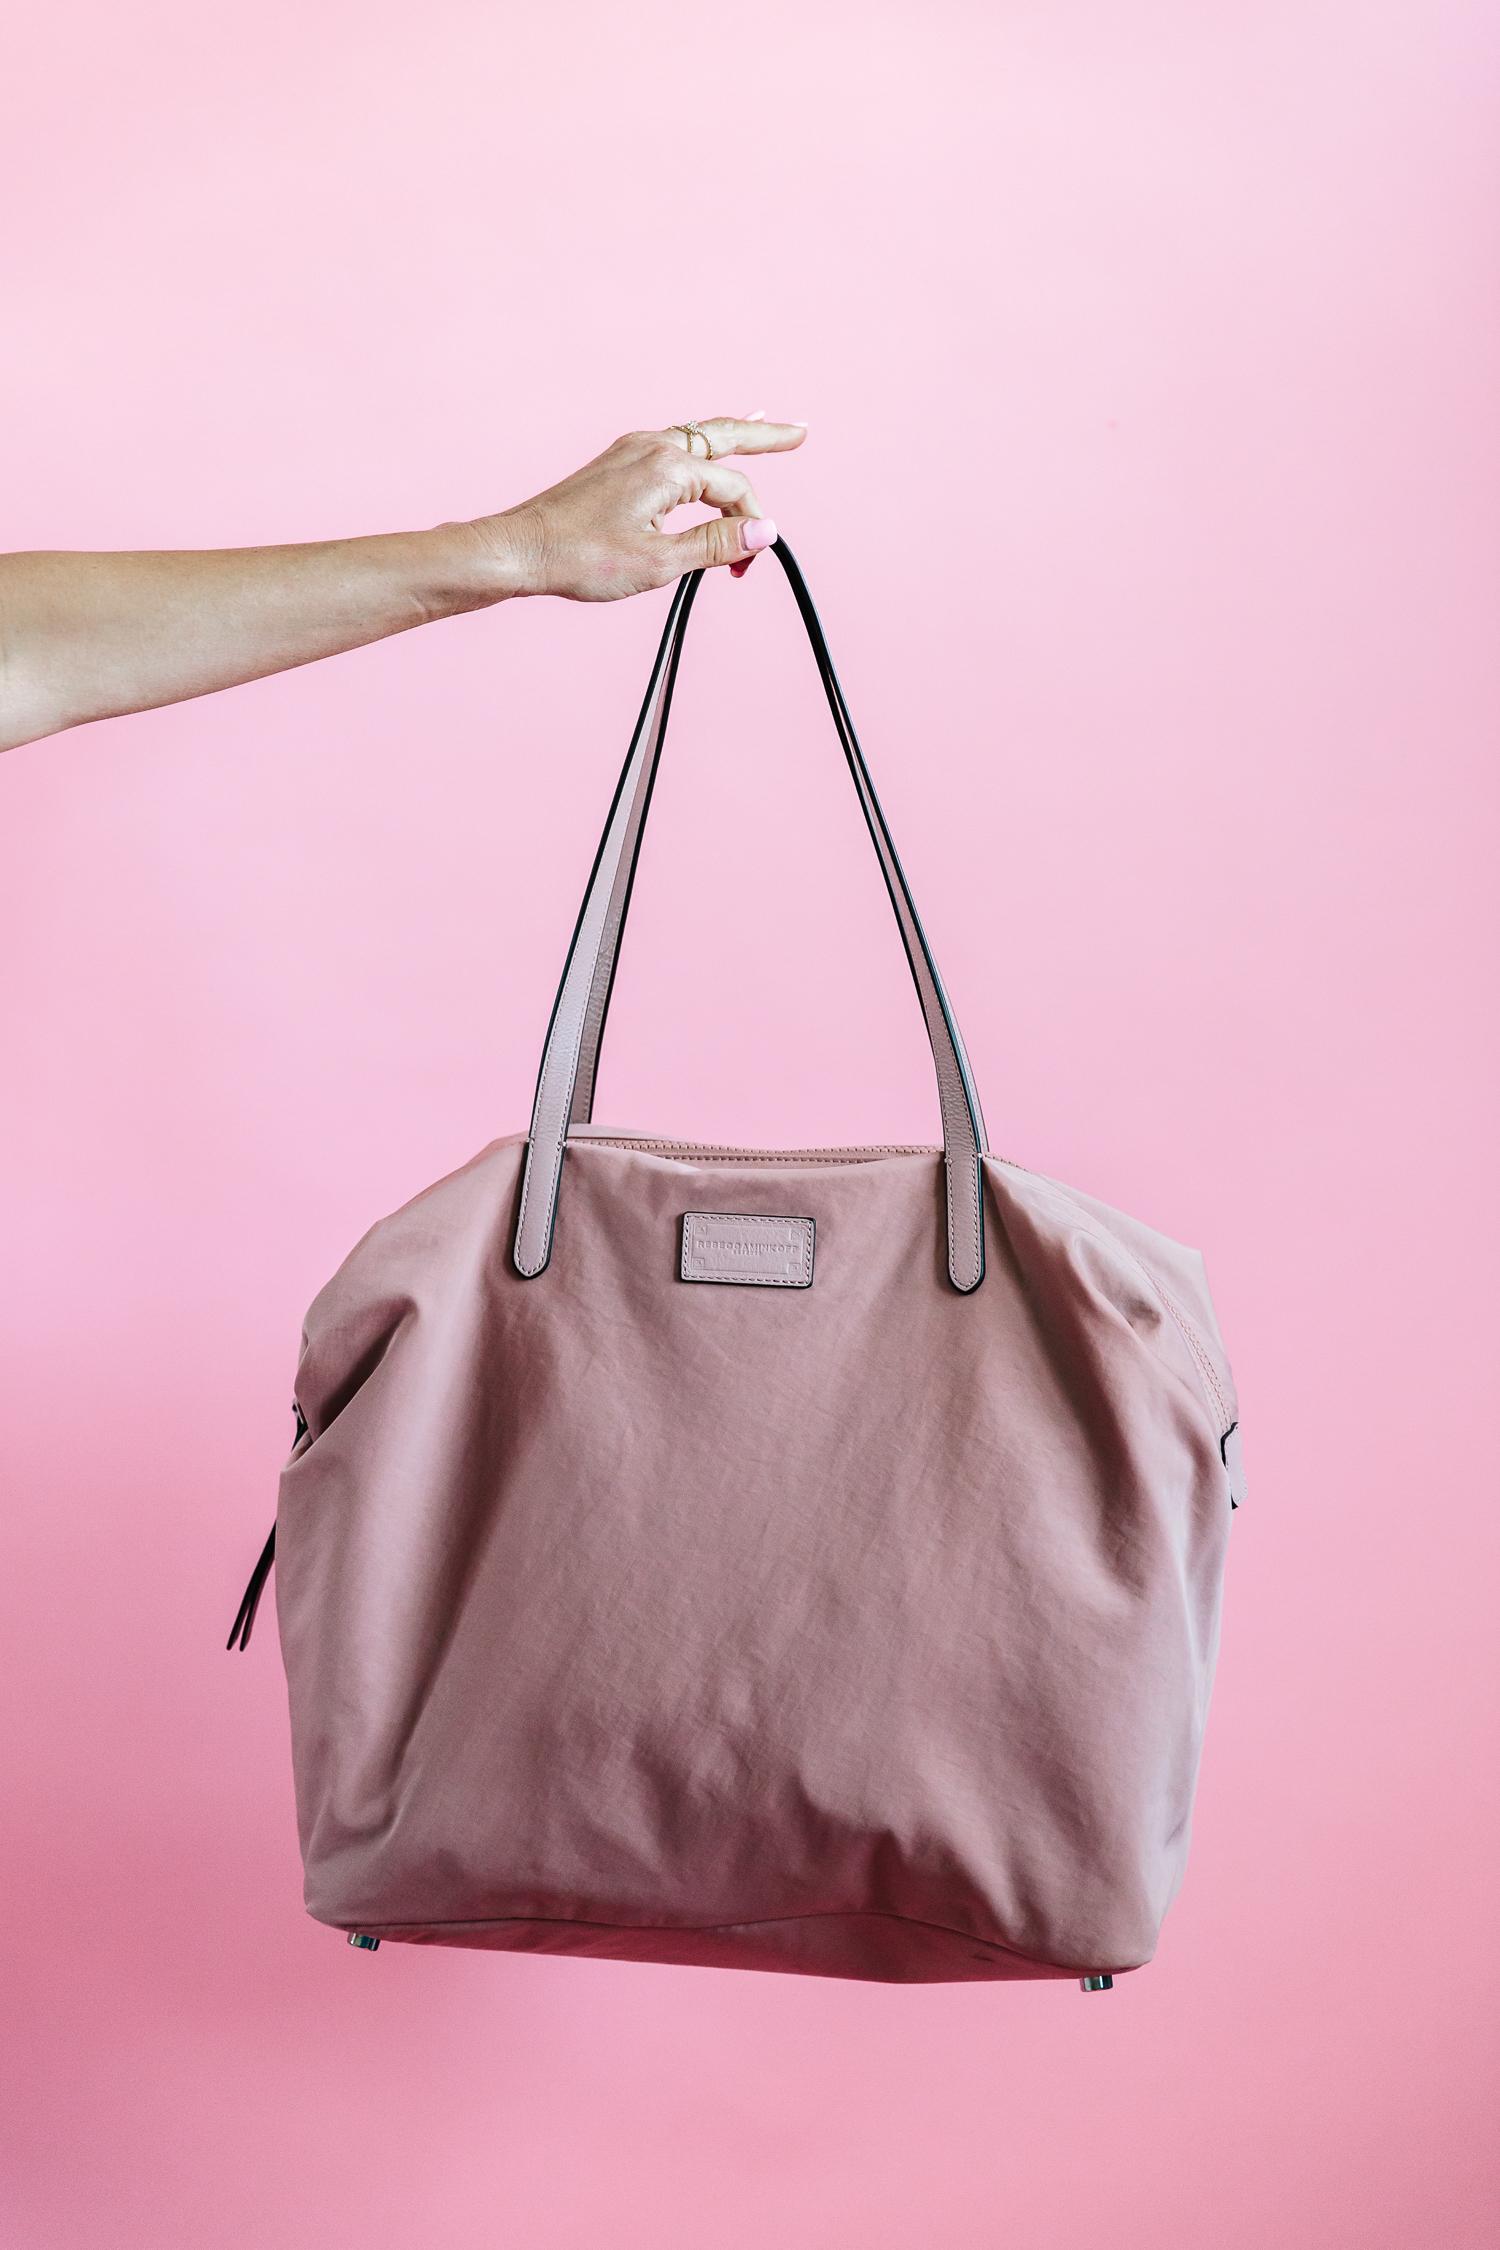 rebecca minkoff, alyson haley, rebecca minkoff nylon tote, travel bags